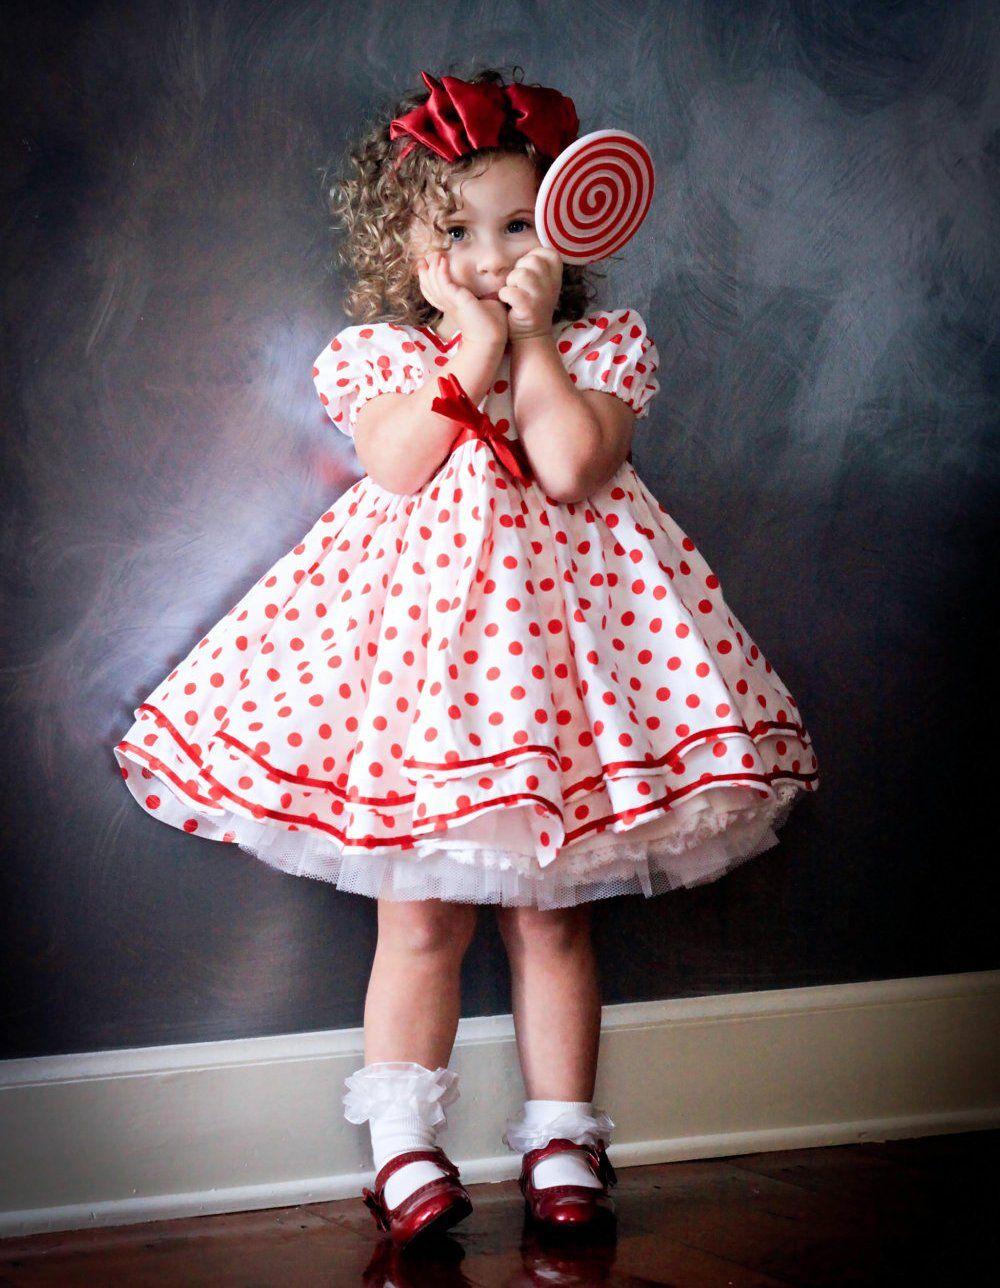 Платье на годик девочке (1 год) (51 фото)  красивое, нарядное, праздничное 4376ffd426e